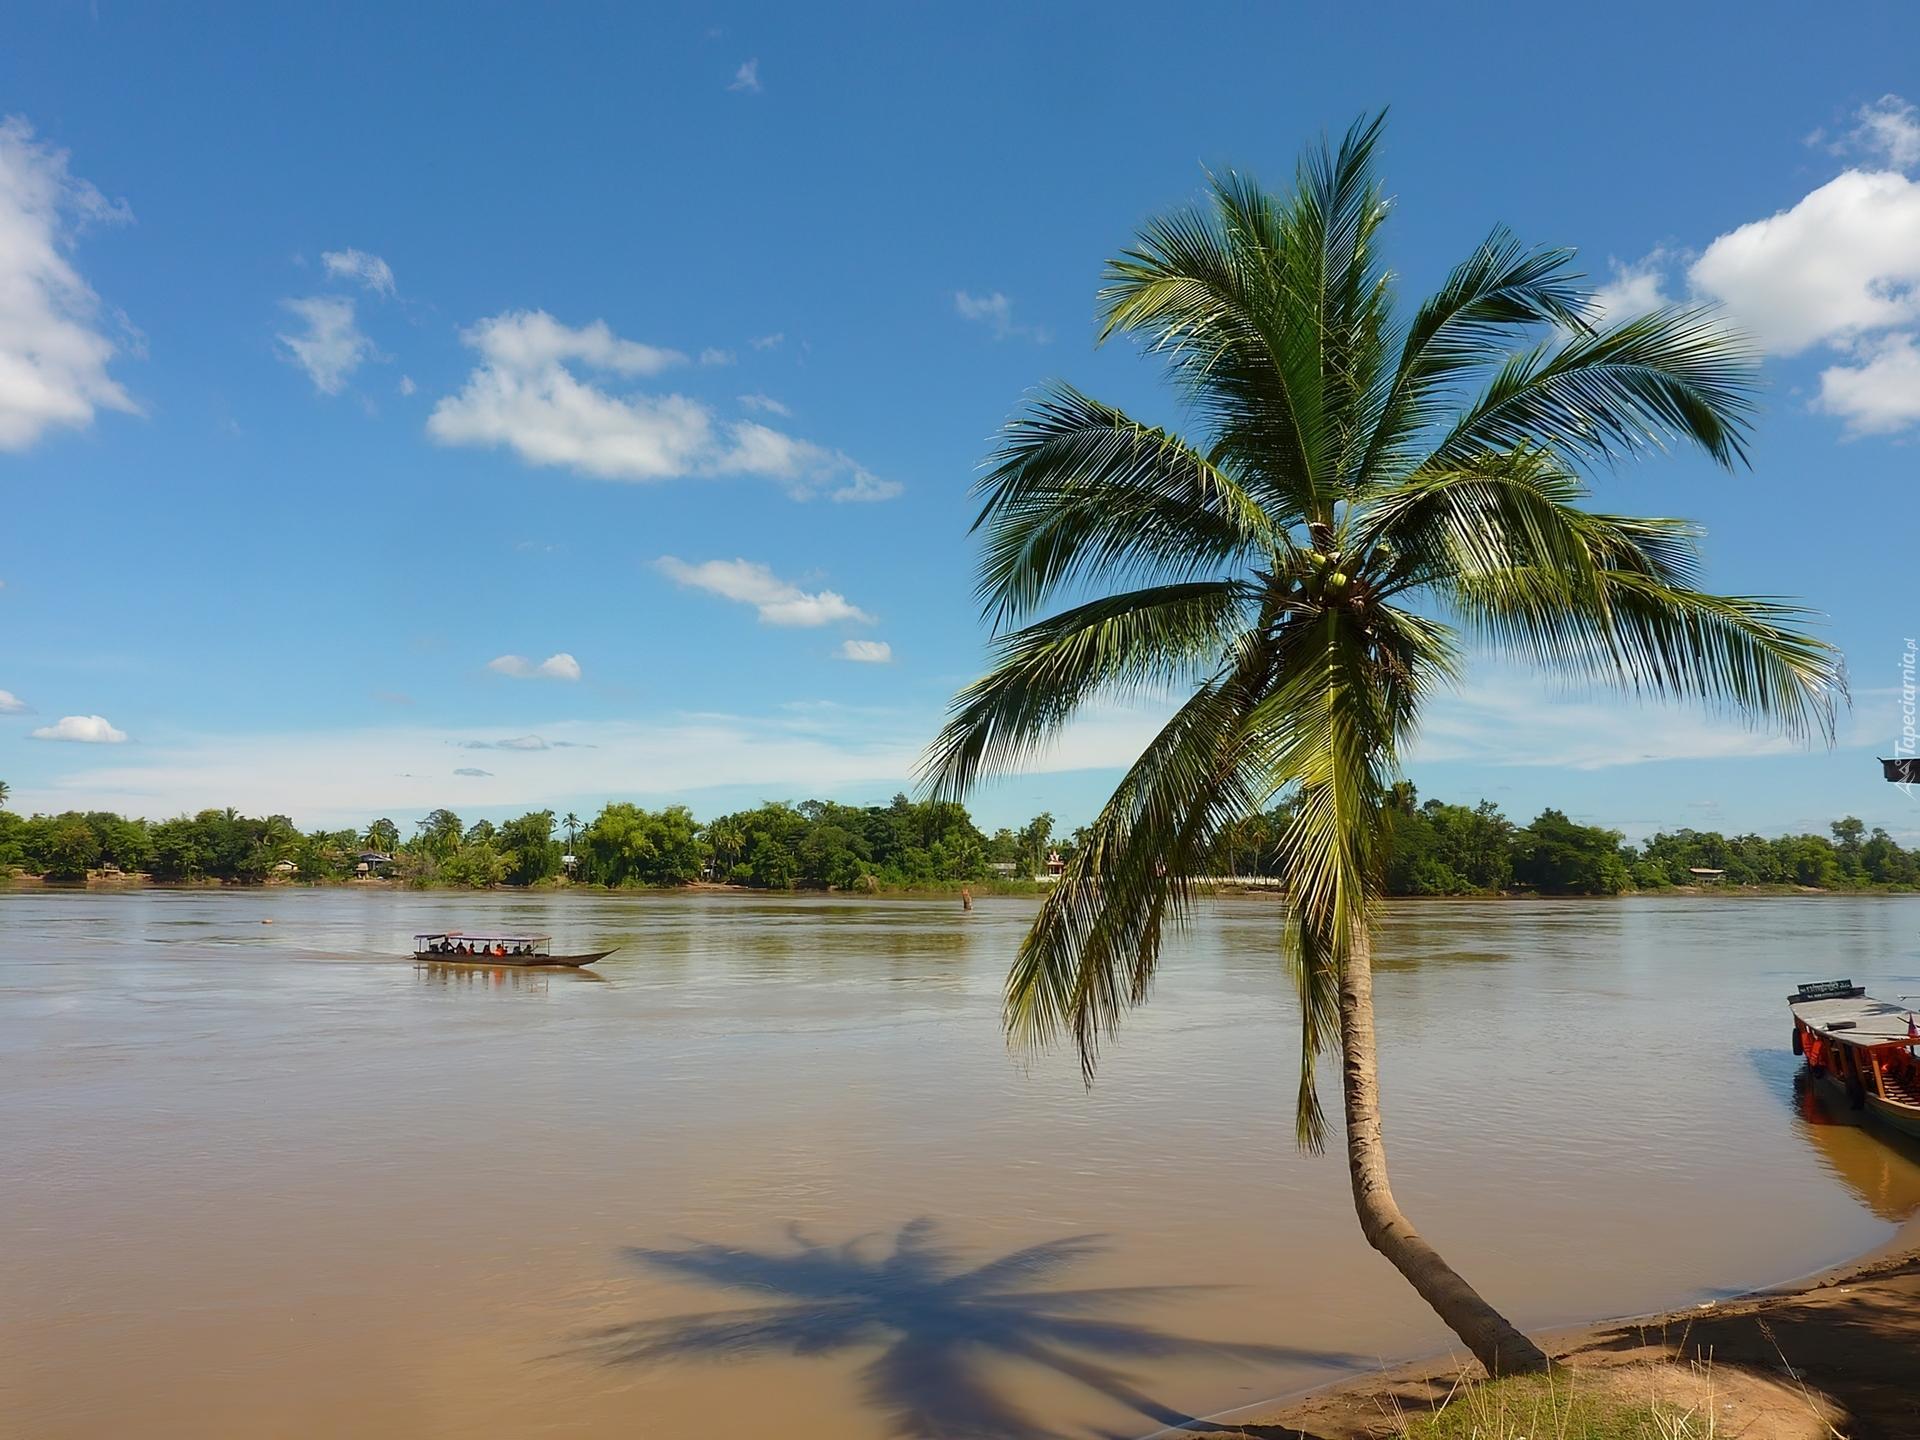 Rzeka, Amazonka, Brzeg, Palma, Brazylia